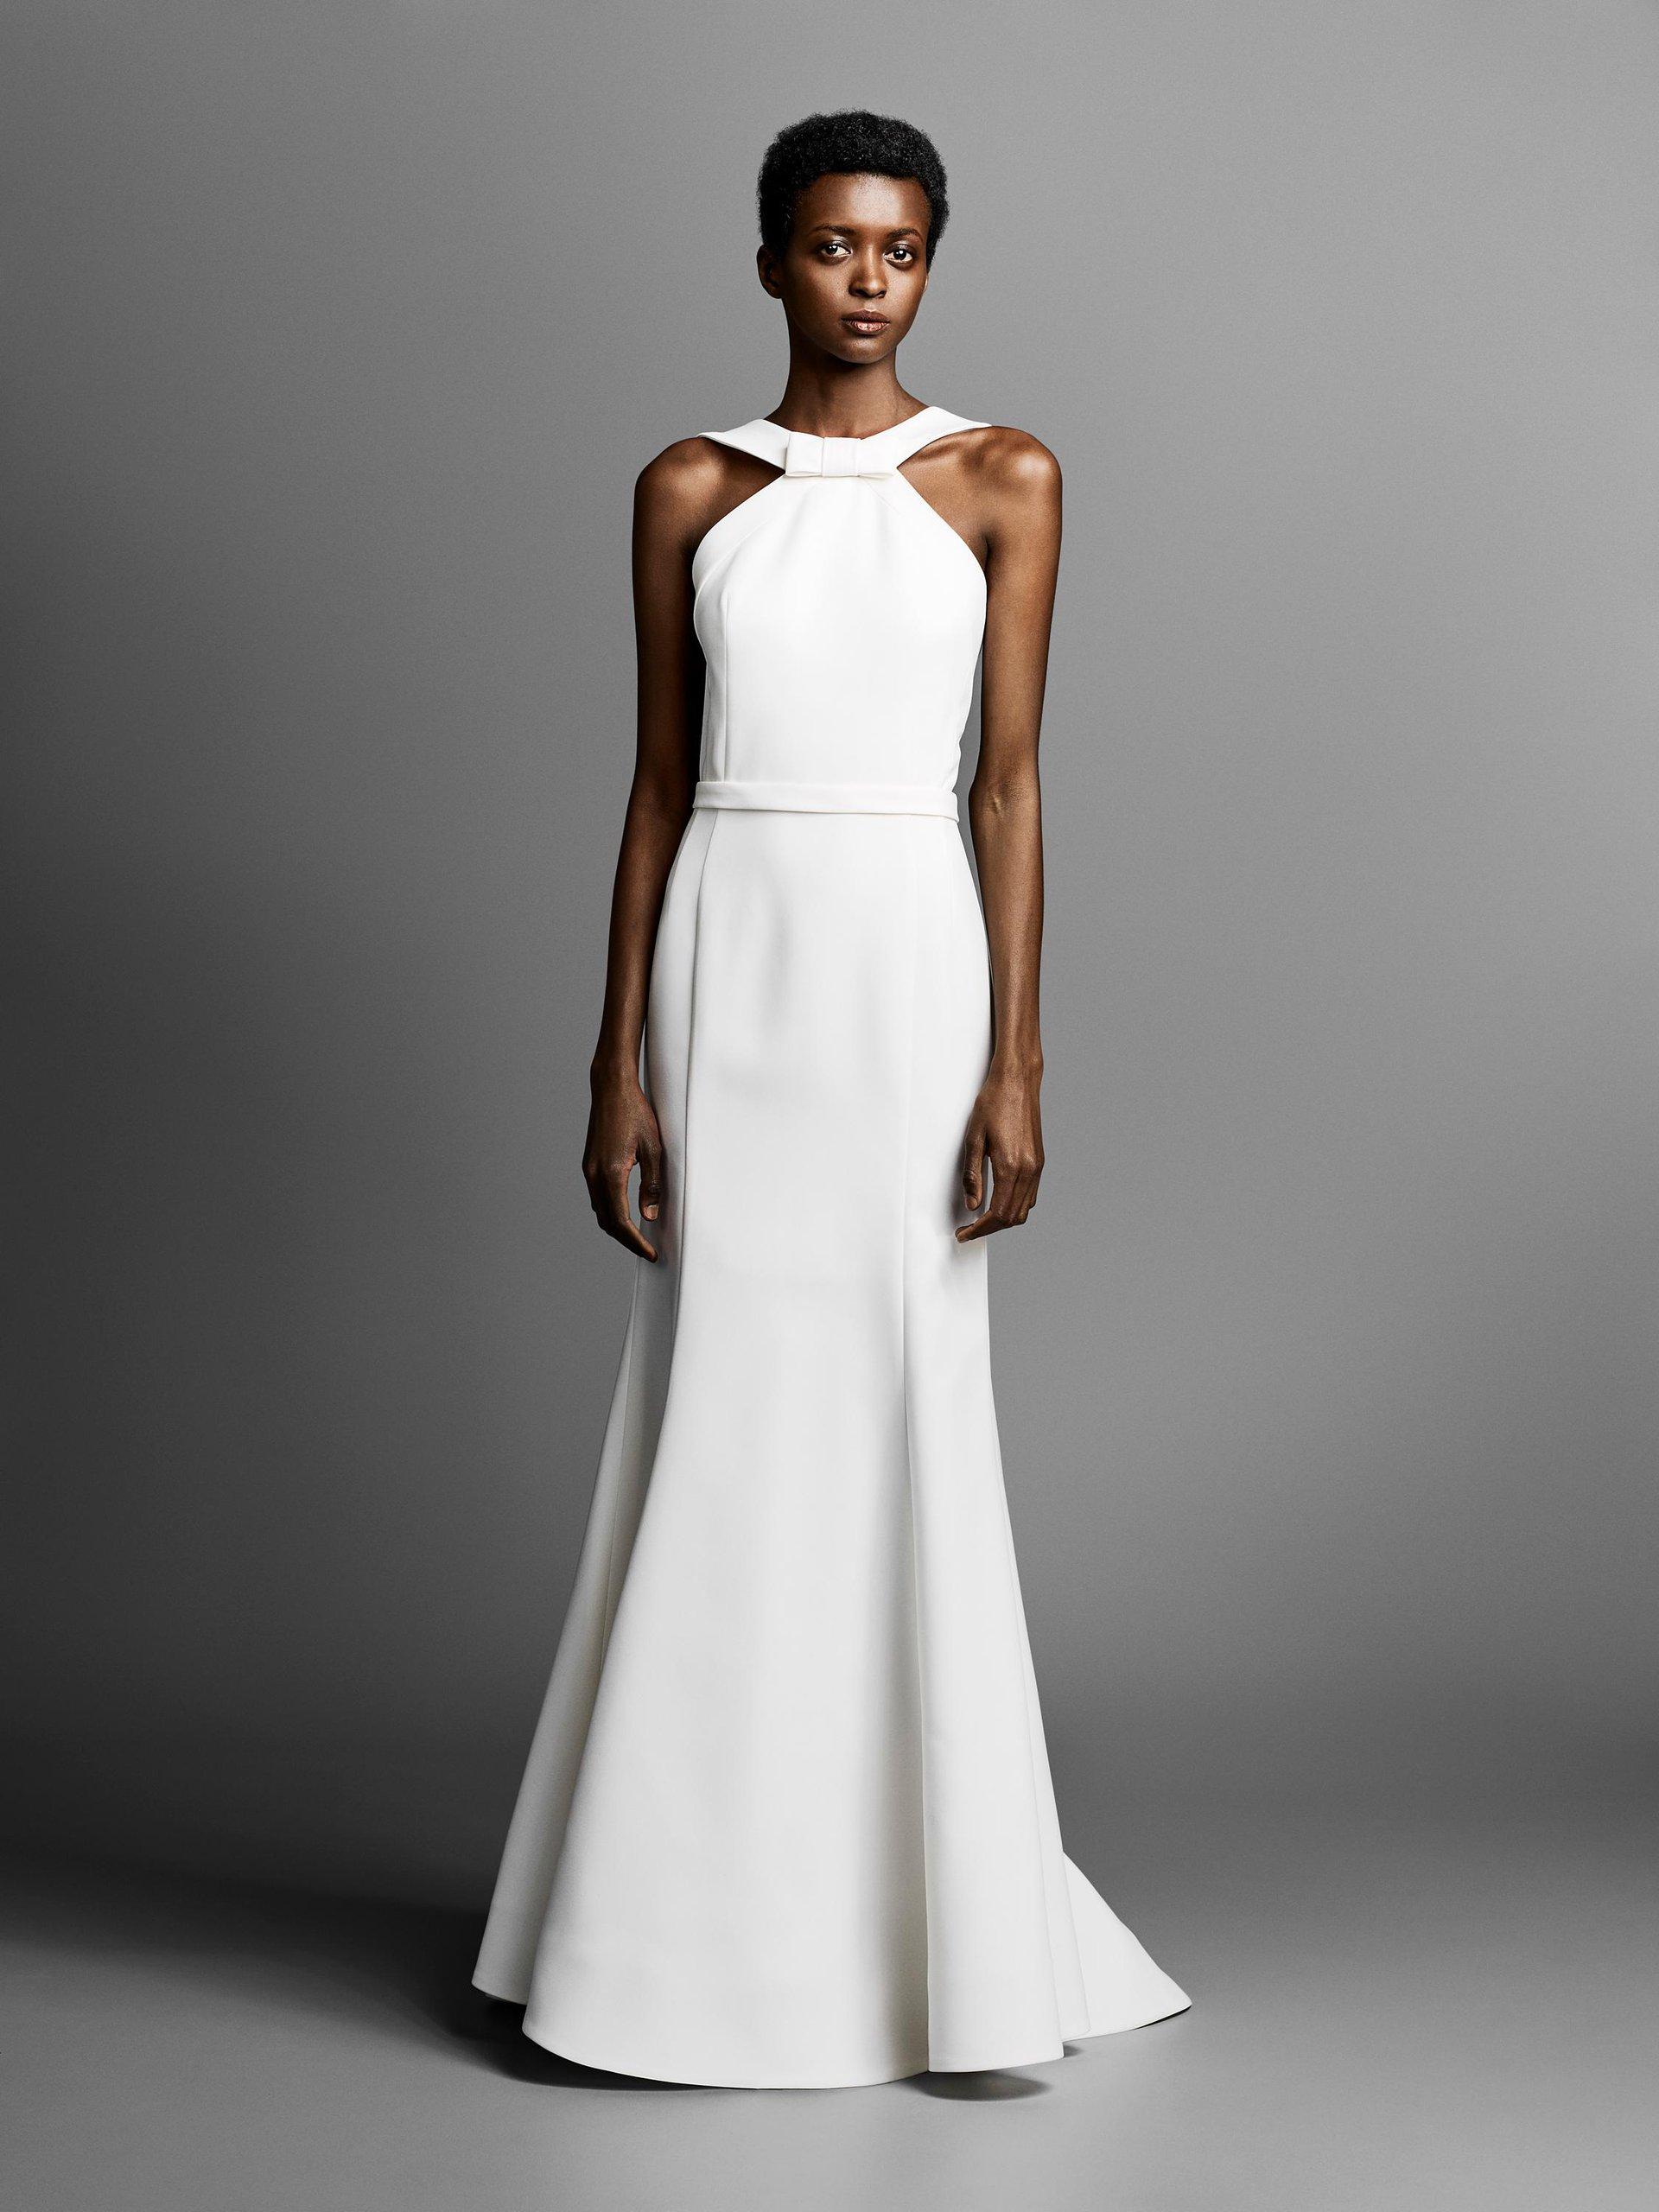 0ecb09370d Minimalistyczne suknie ślubne w stylu Meghan Markle